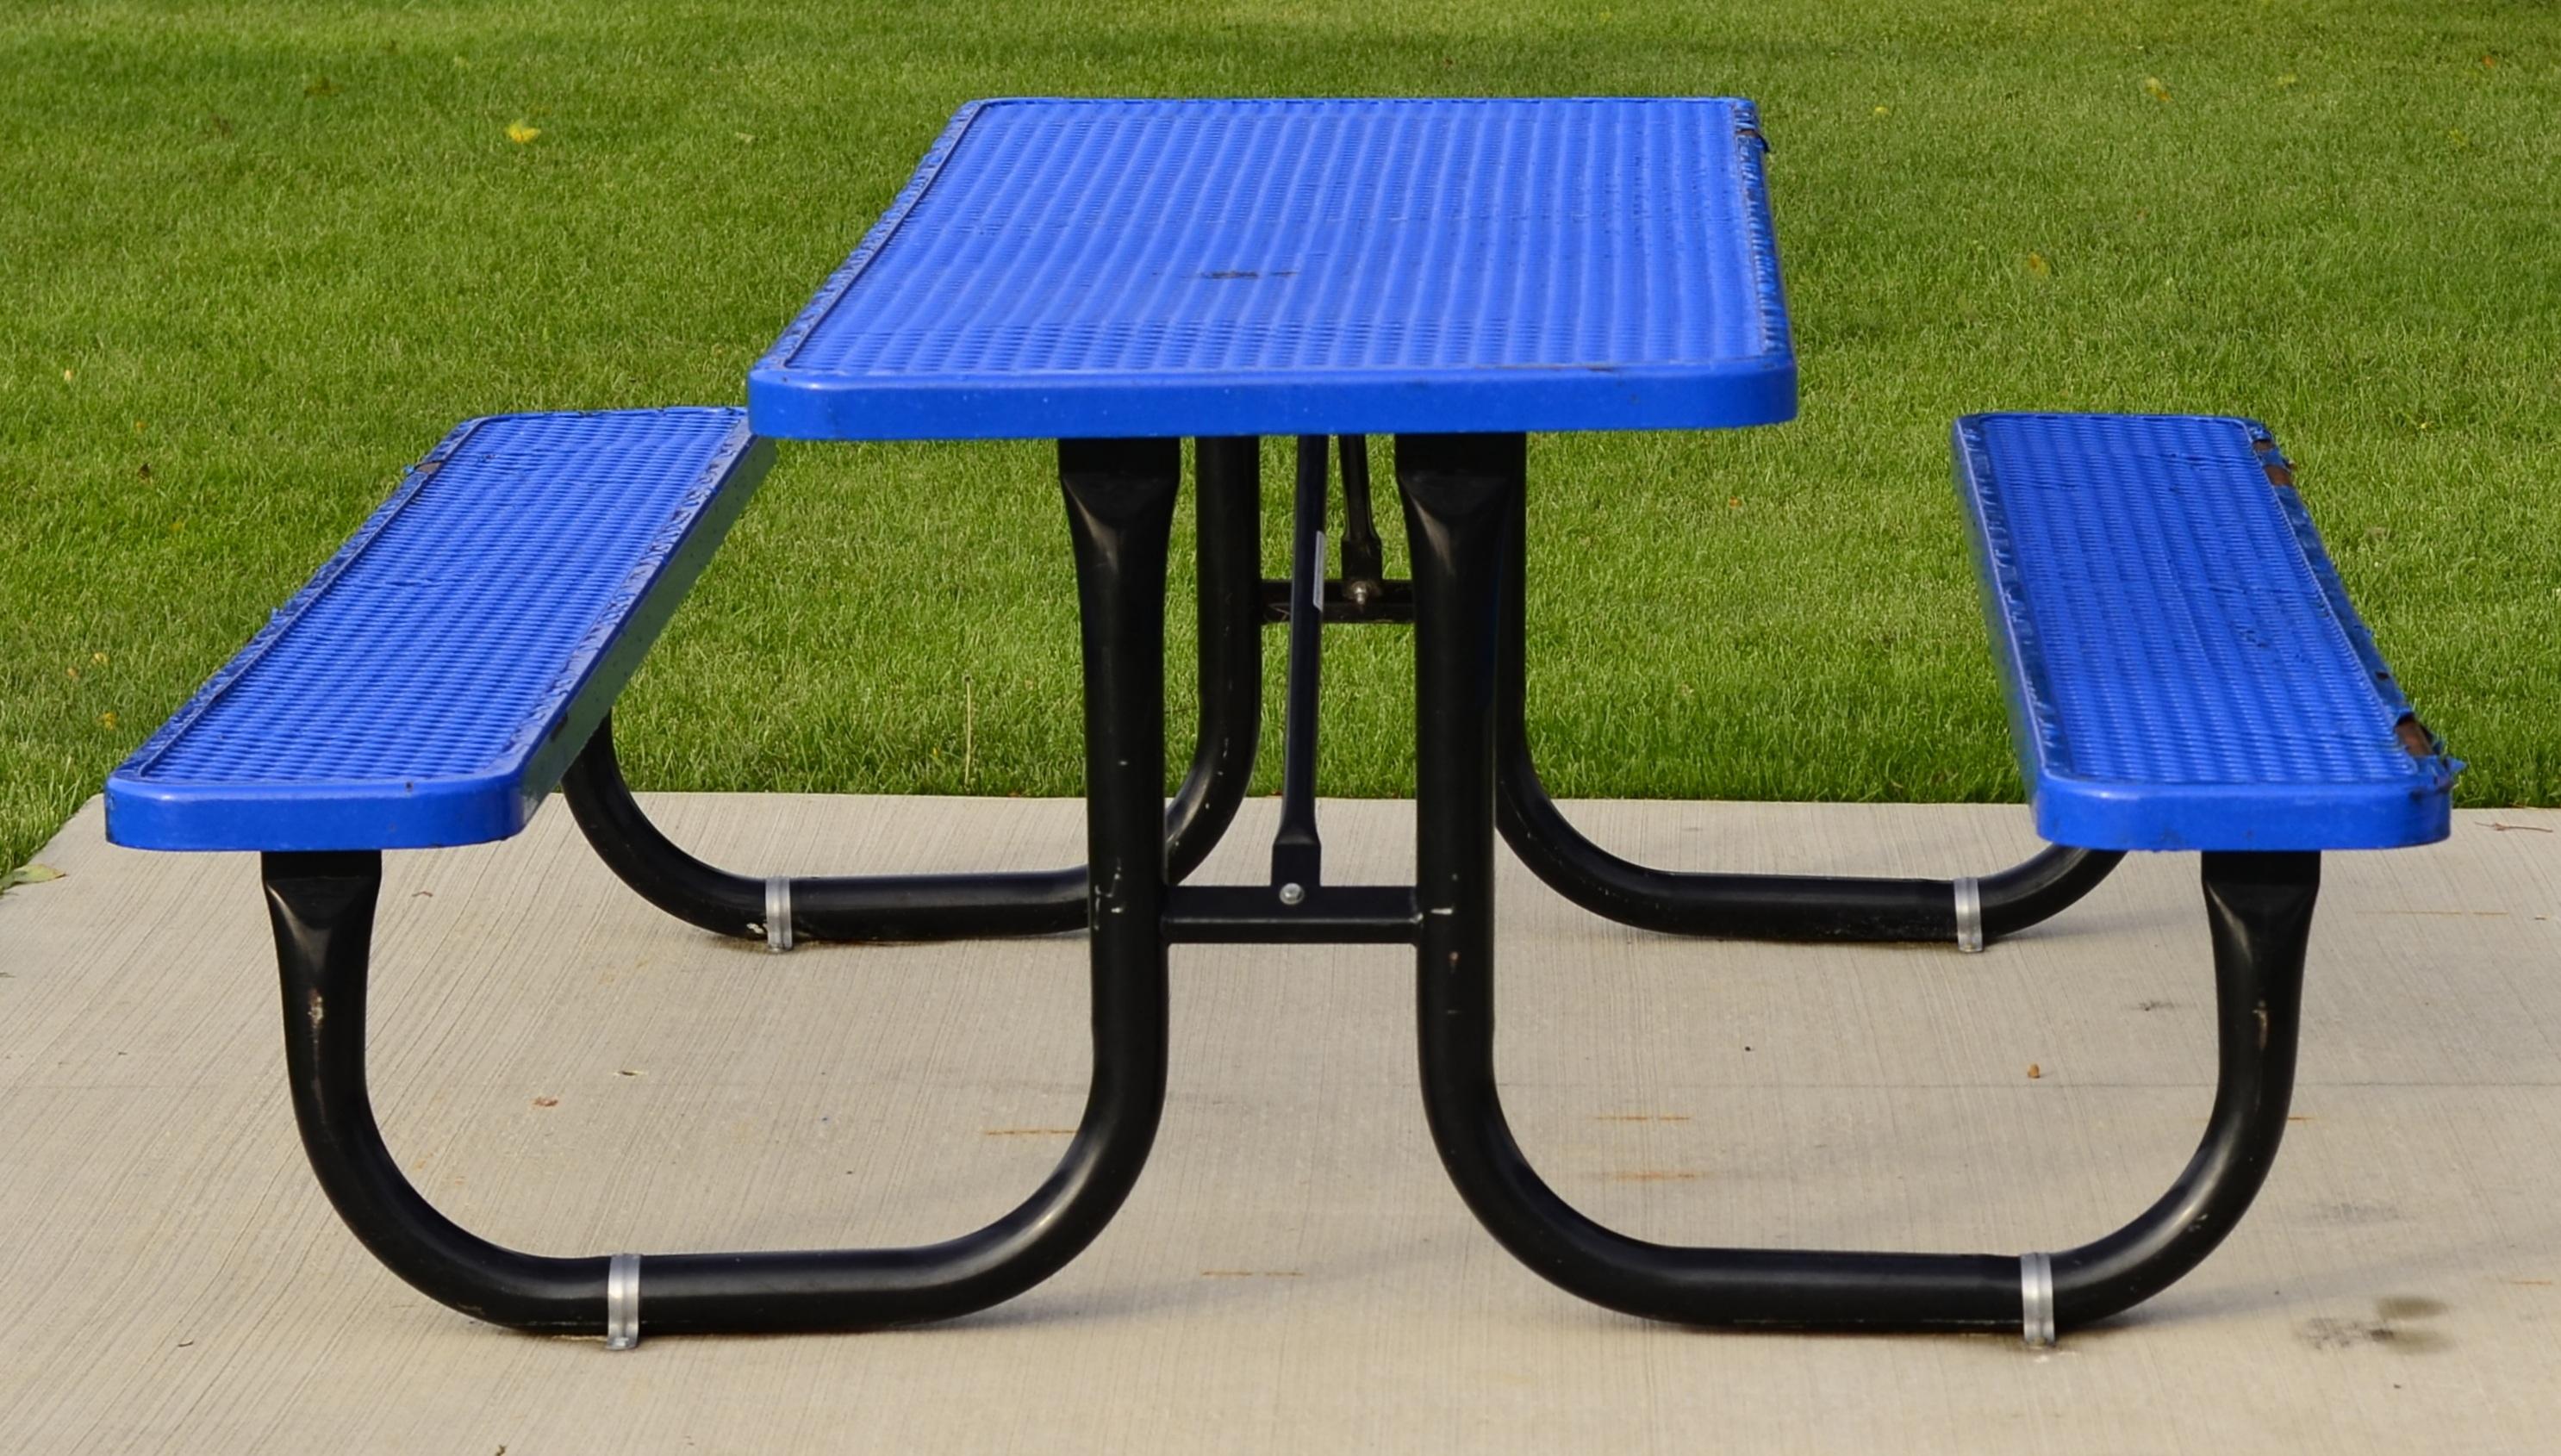 Images Gratuites : table, chaise, vert, bleu, meubles, pique-nique ...